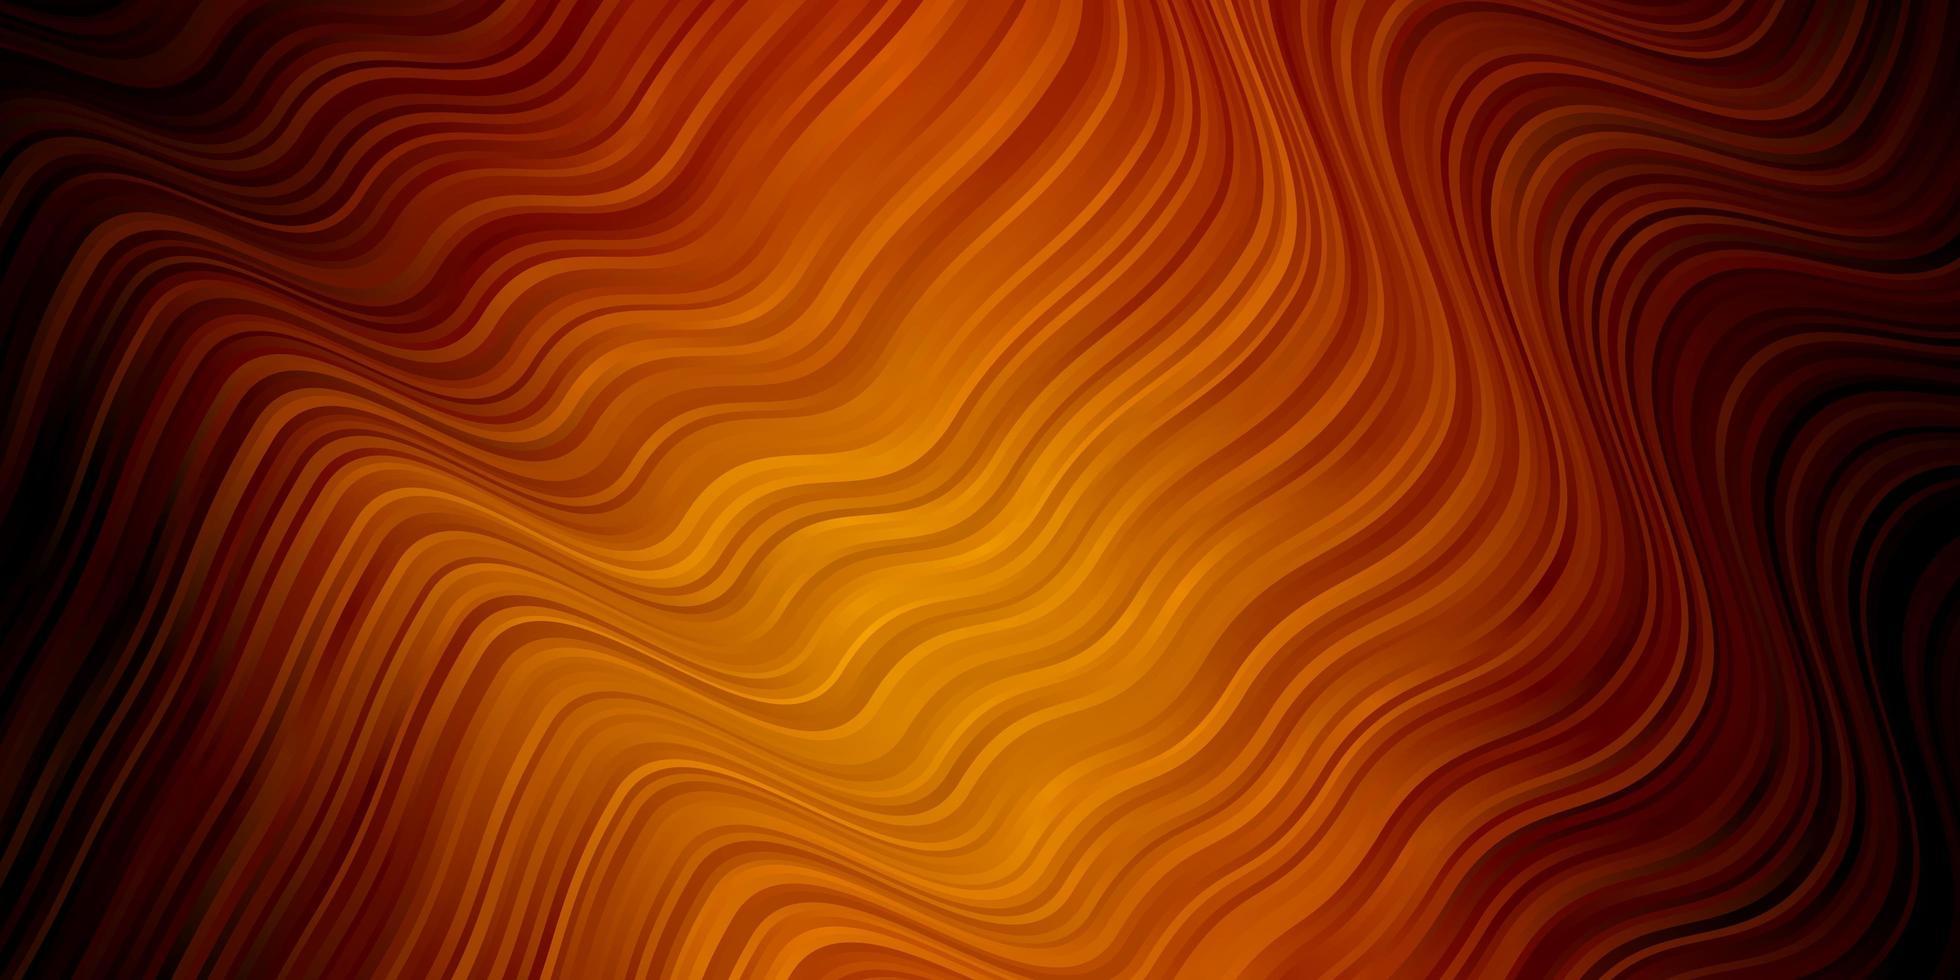 dunkelorange Vektorschablone mit Linien. vektor